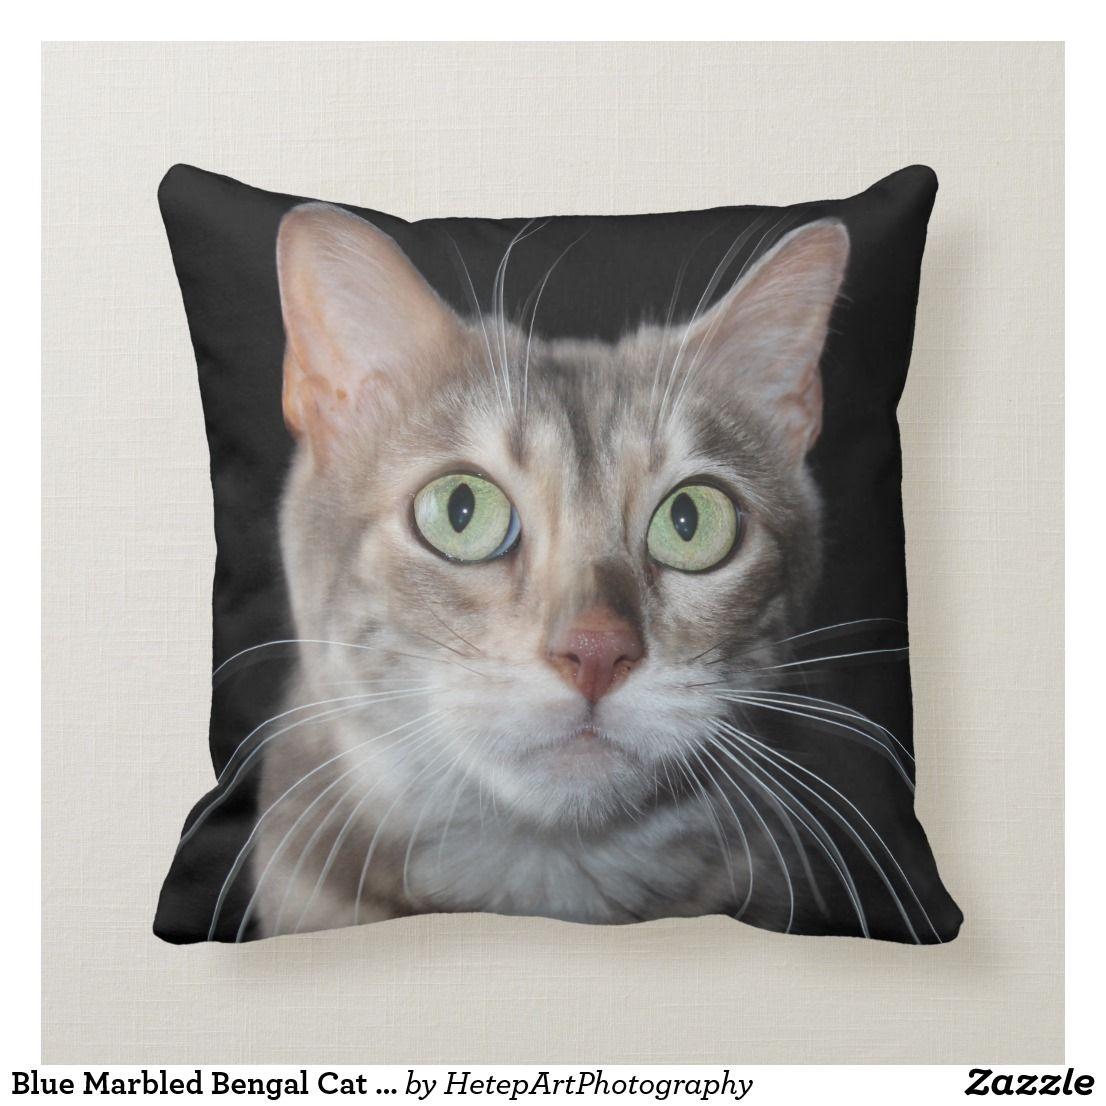 Blue Marbled Bengal Cat Face Cushion Zazzle.co.uk